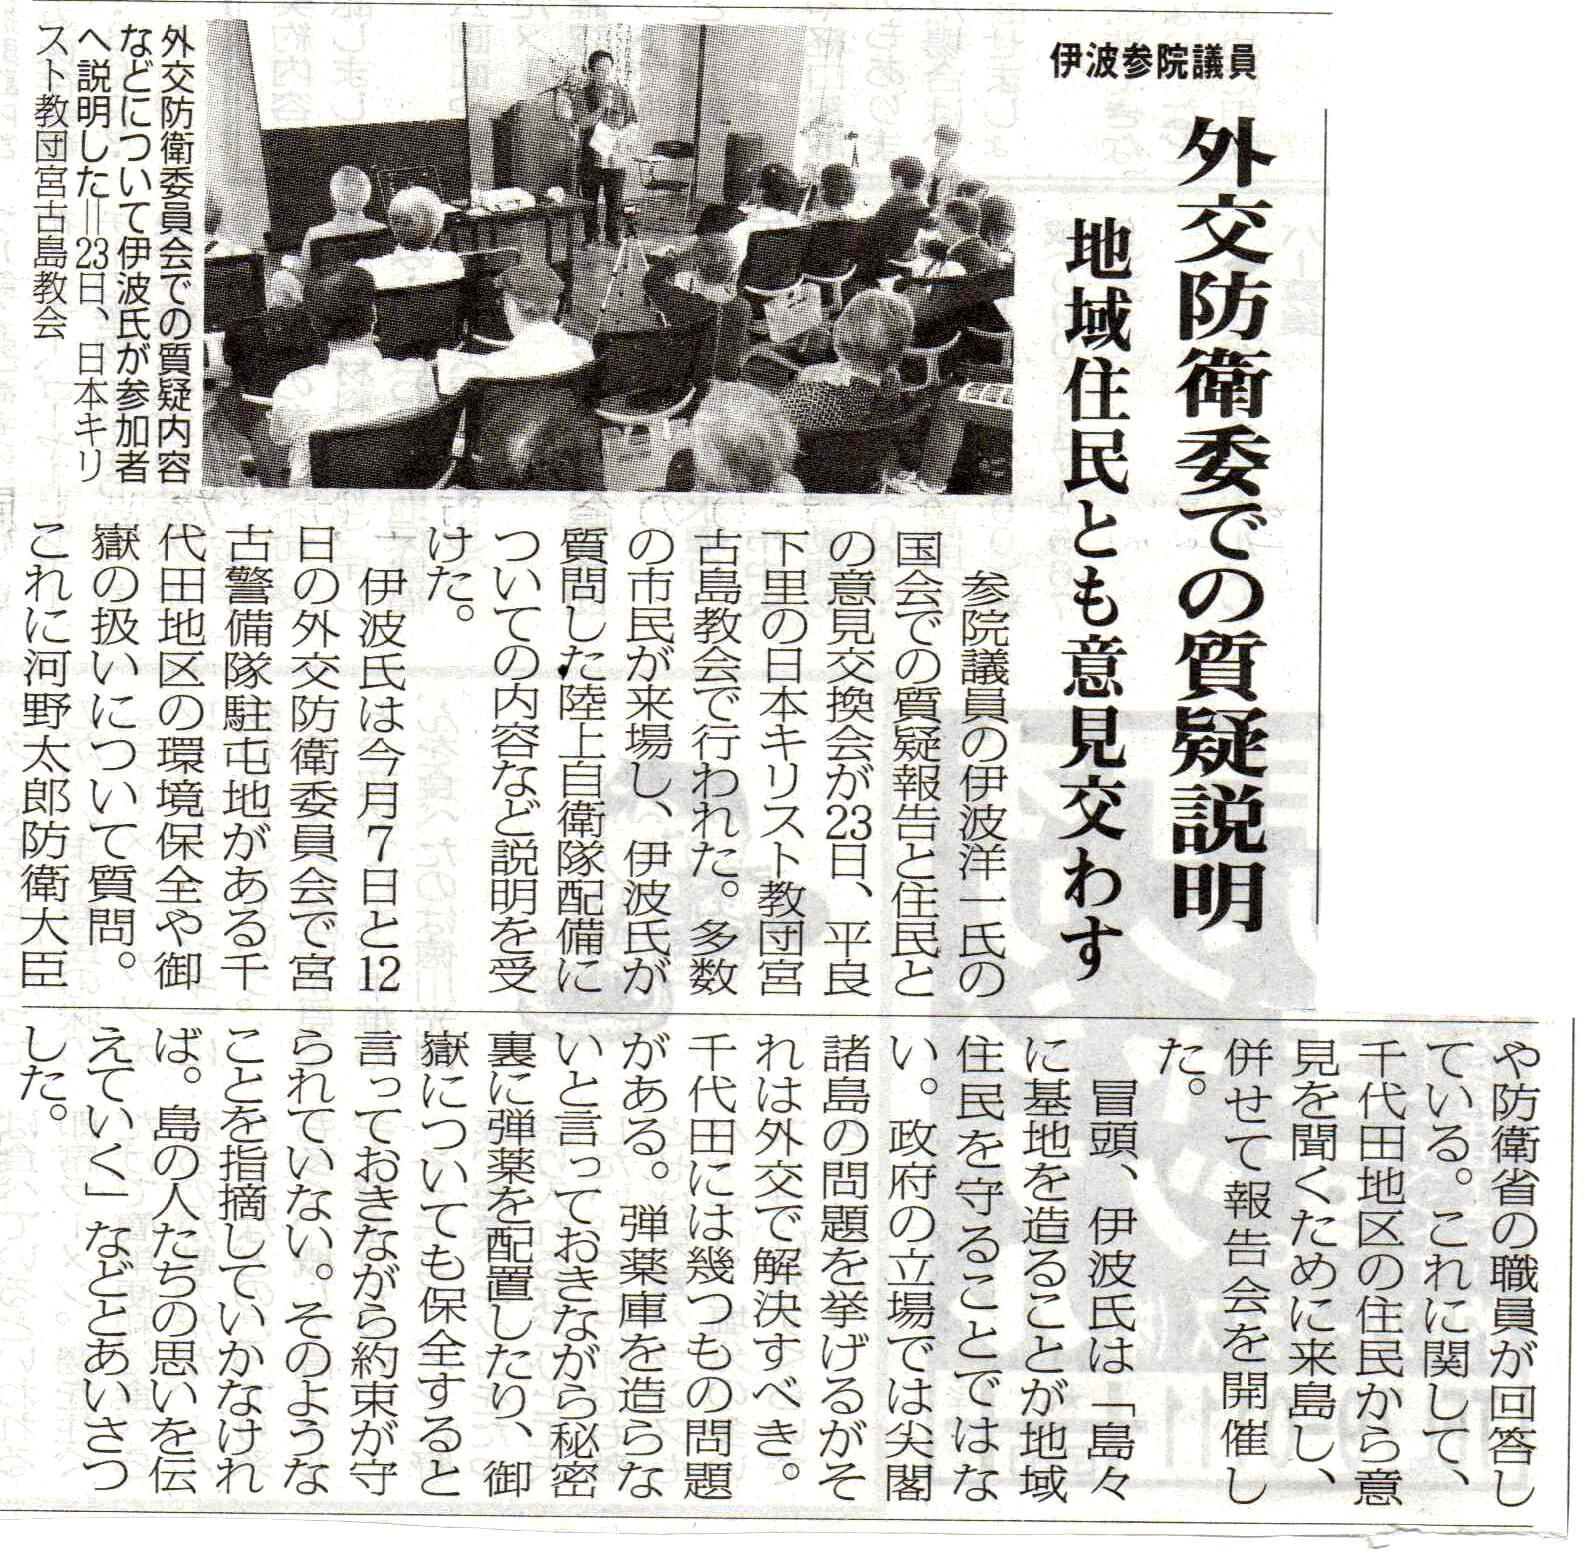 miyakomainichi2019 11245